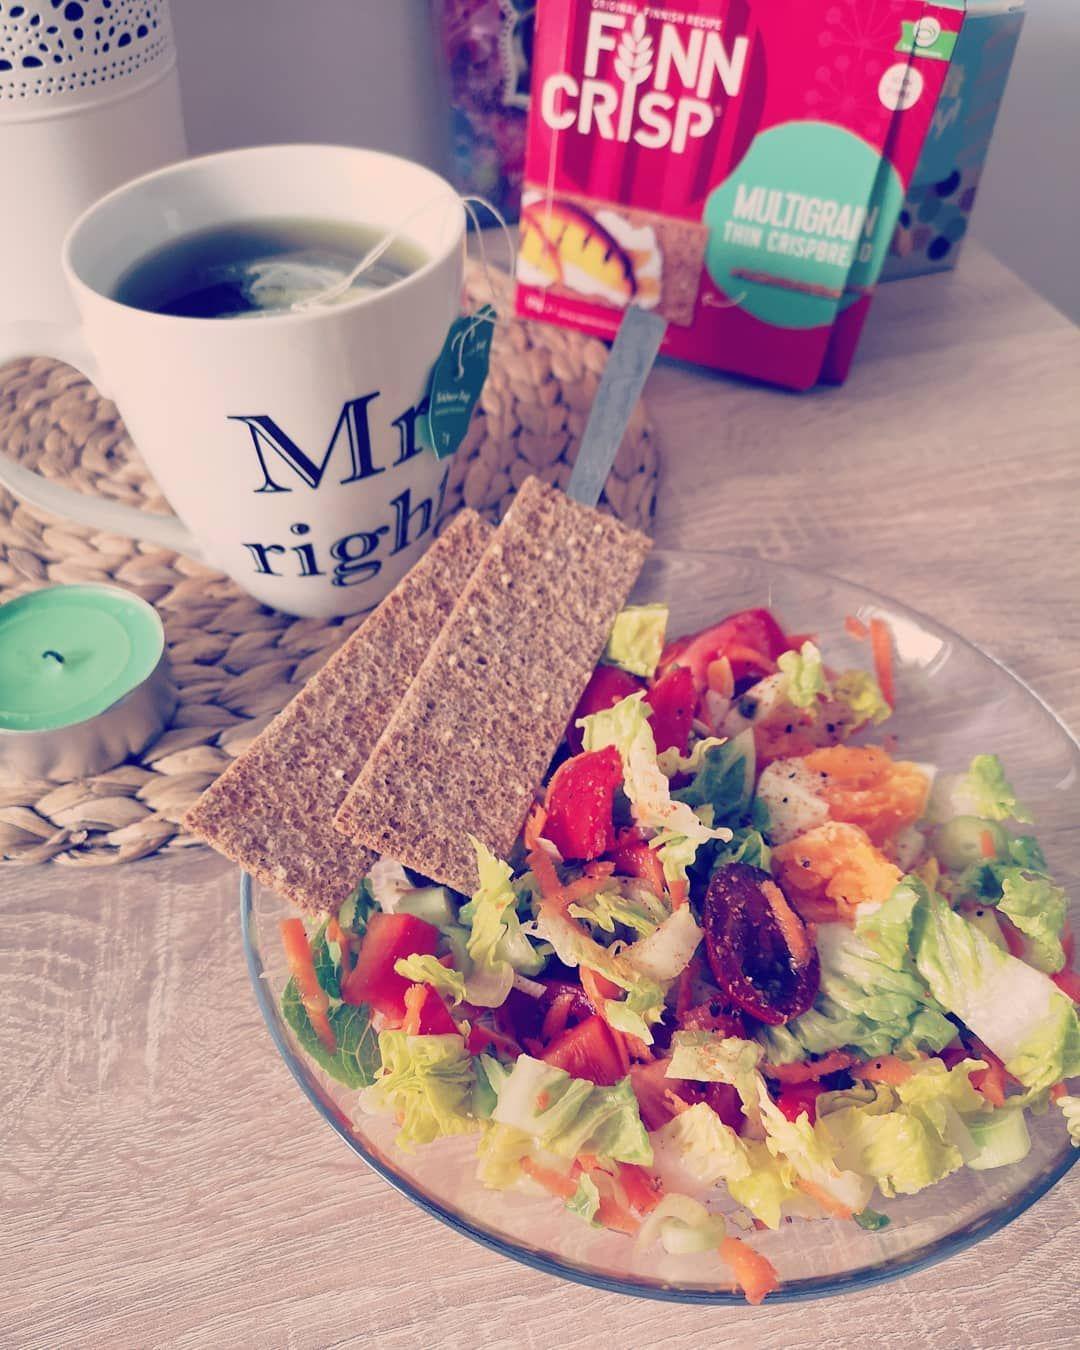 Heut Abend wird gegrillt, daher gibt es ein punktearmes Mittagessen. 😊